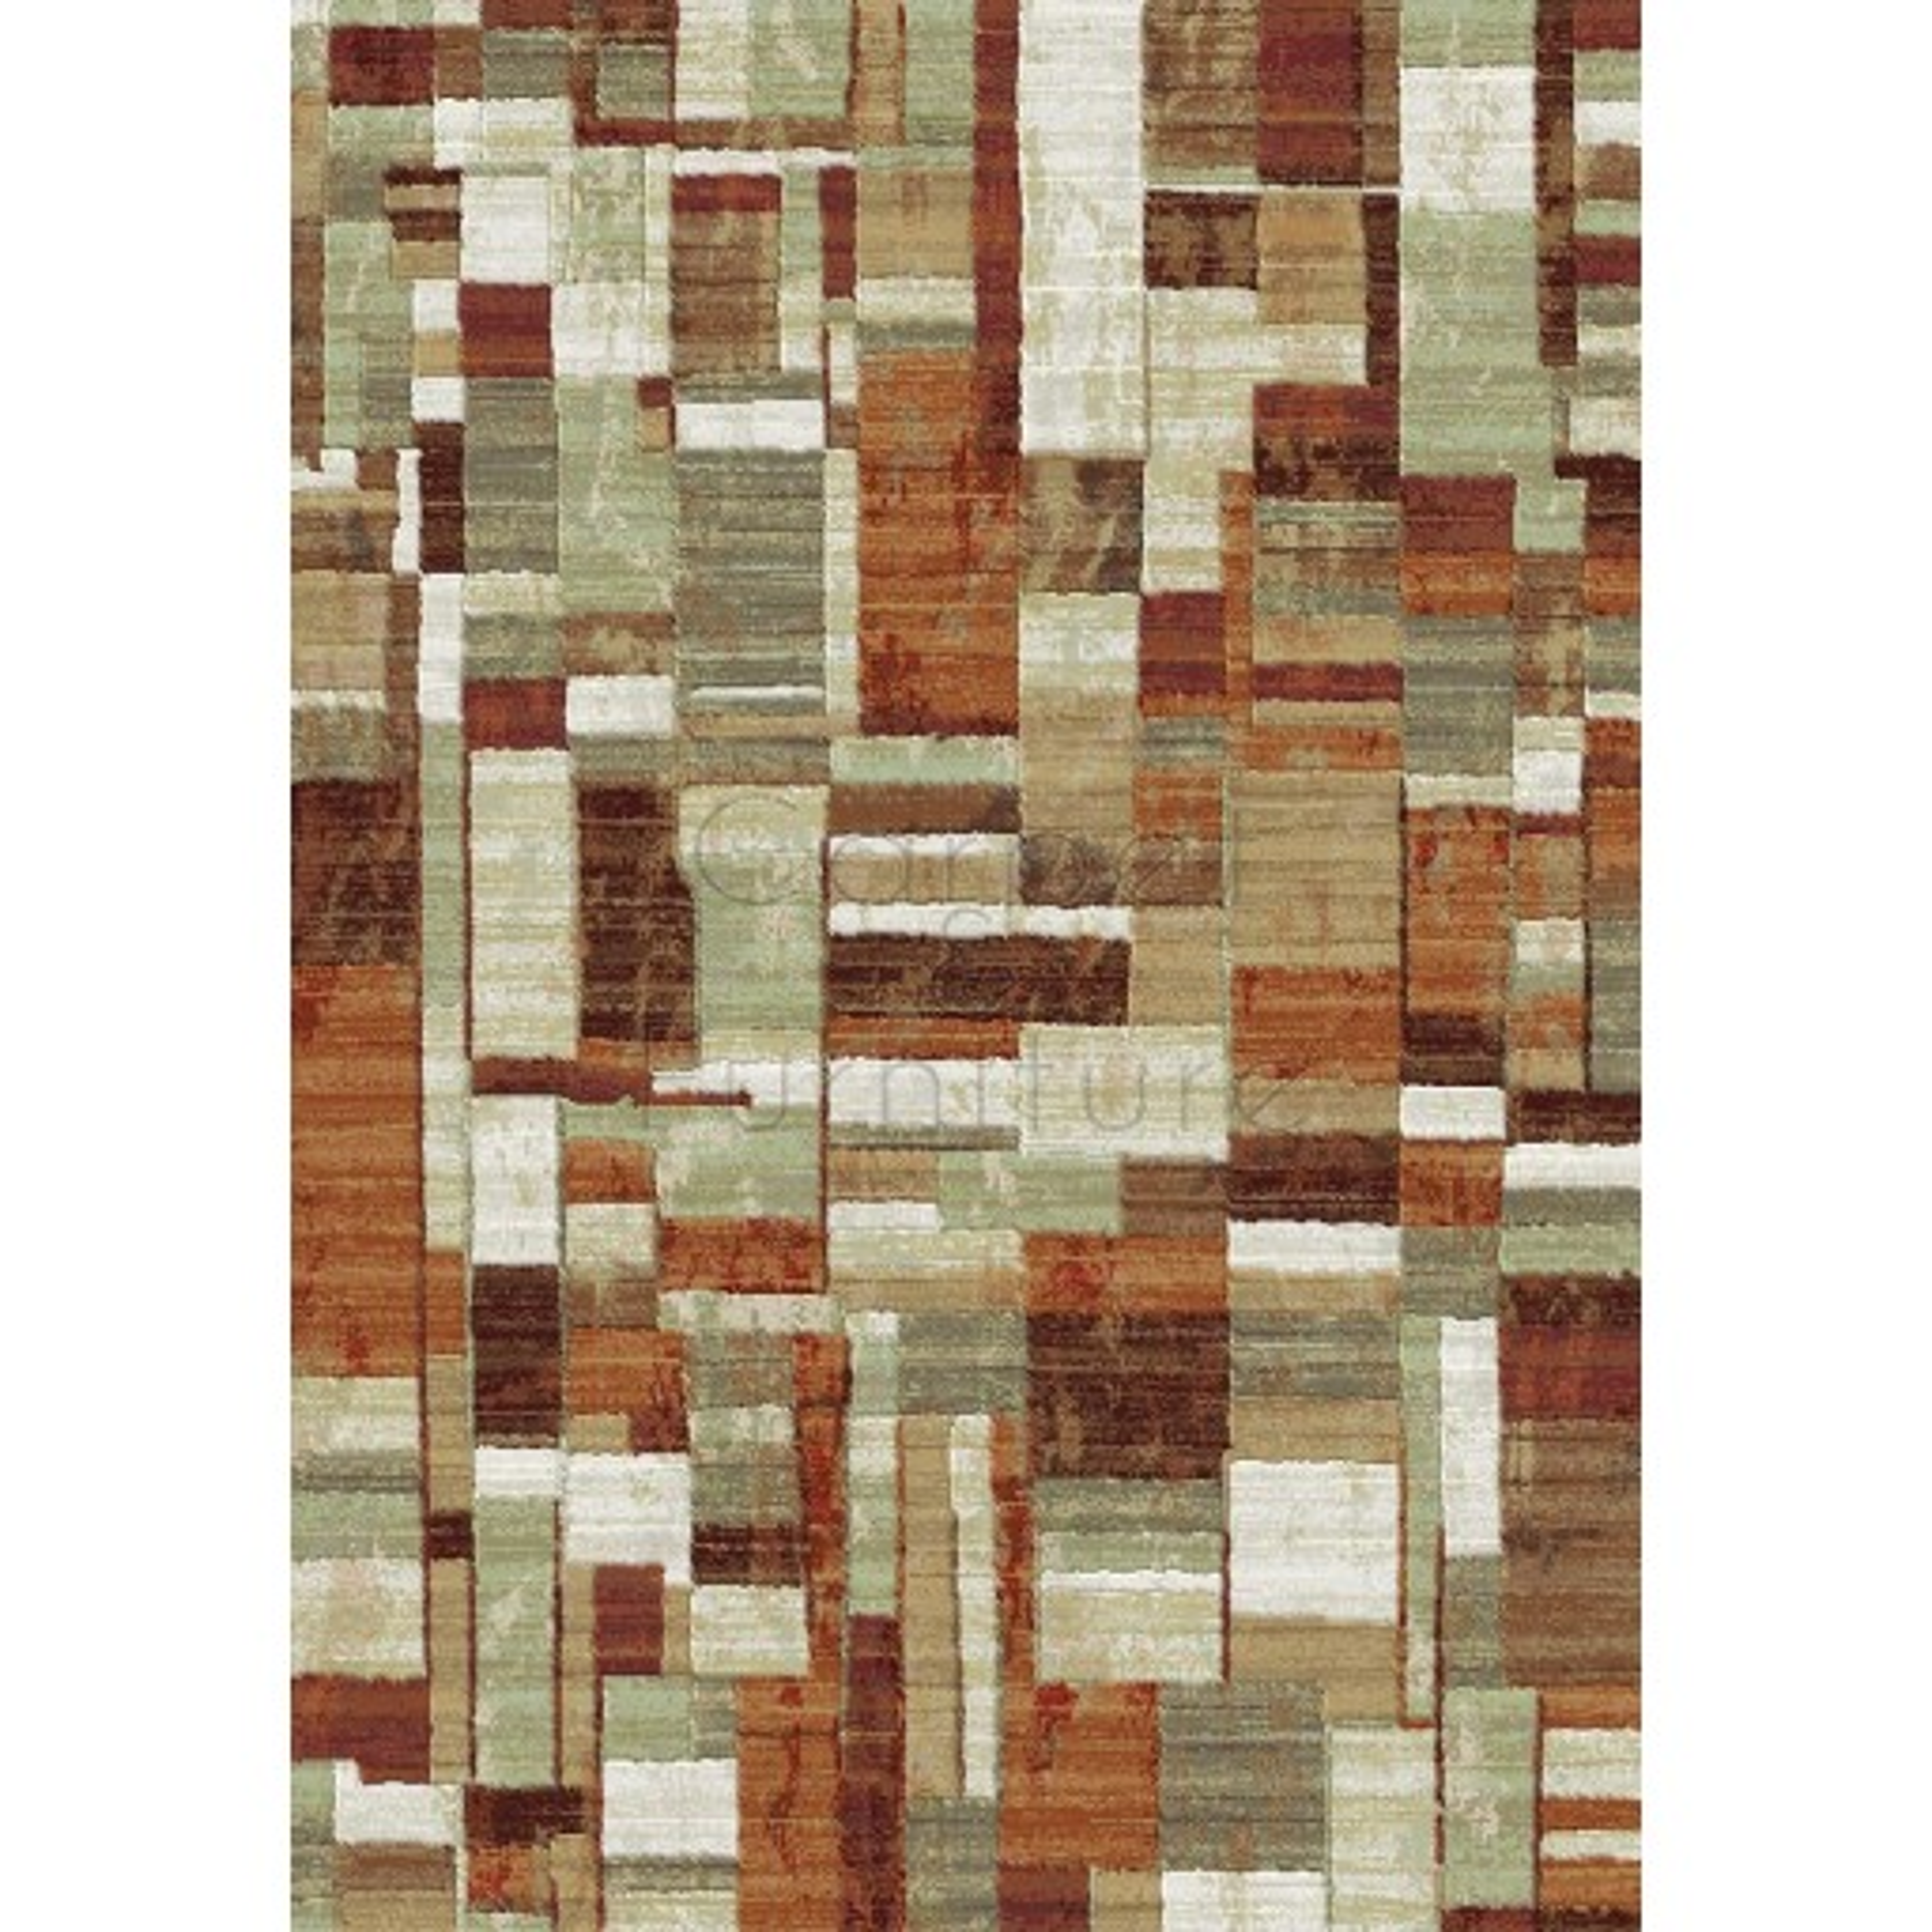 """Galleria Rug - Squares 63244 6474 - Size 80 x 150 cm (2'8"""" x 5')"""